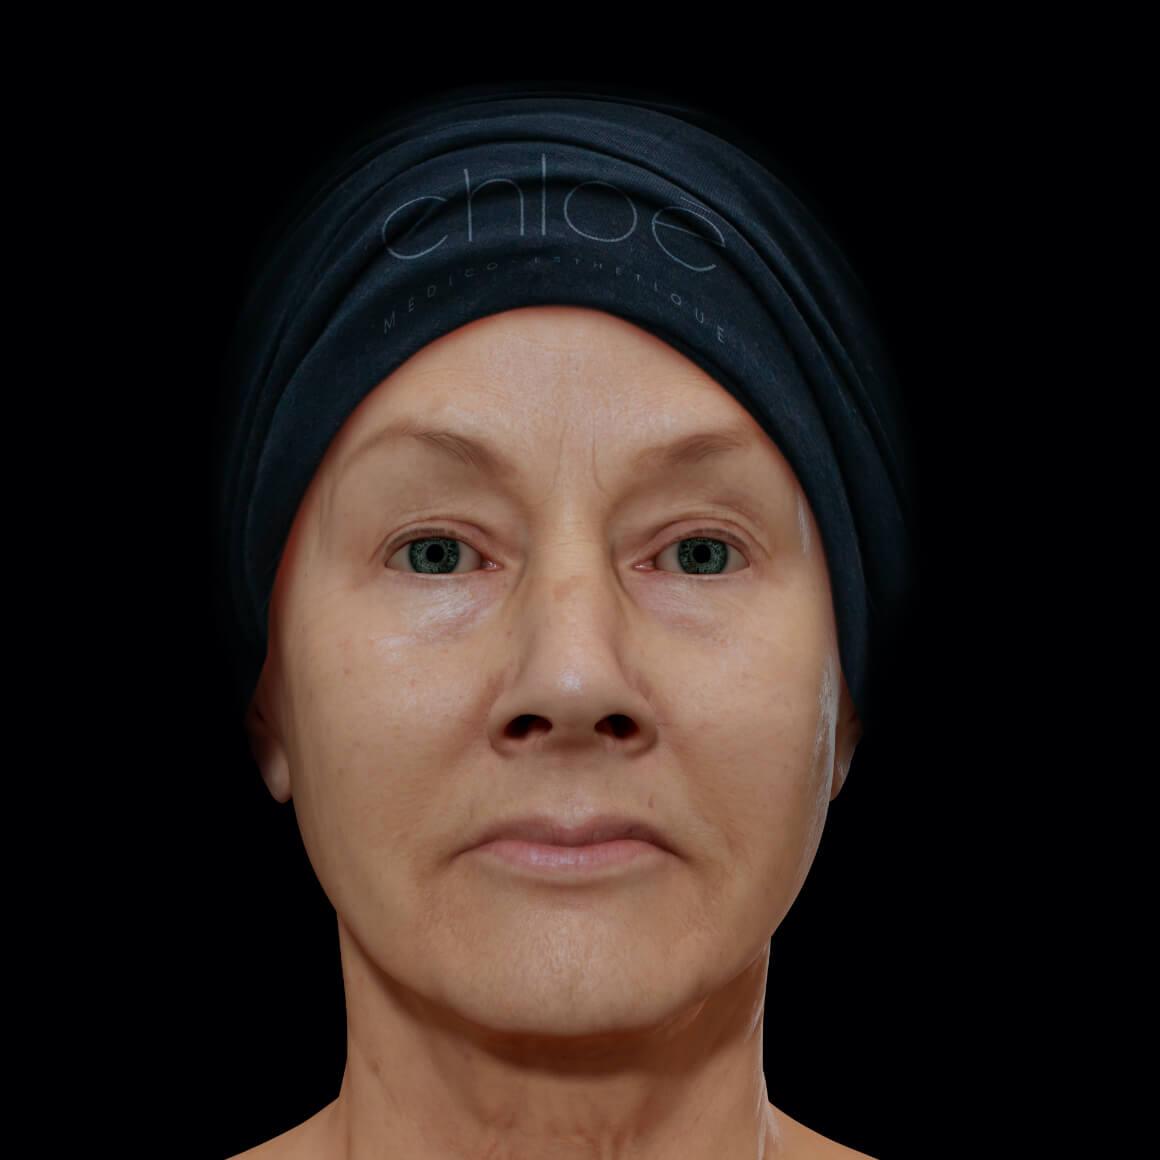 Femme patiente à la Clinique Chloé vue de face après des traitements laser Smoothliftin pour le raffermissement du visage